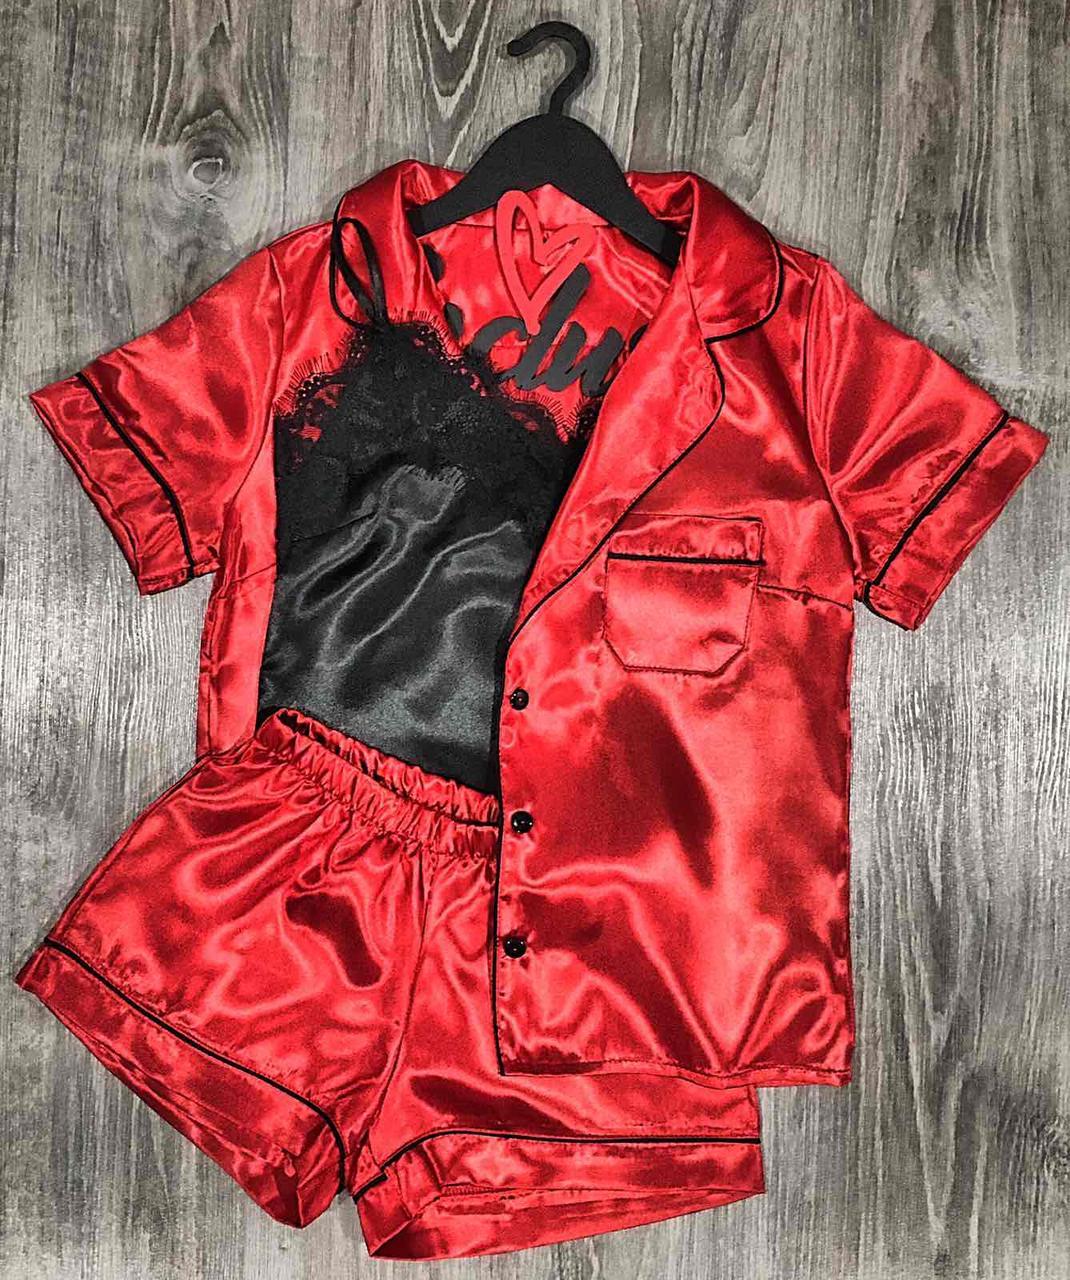 Красная пижама Рубашка и шорты + Черная классическая майка с кружевом. Атласный женский комплект.